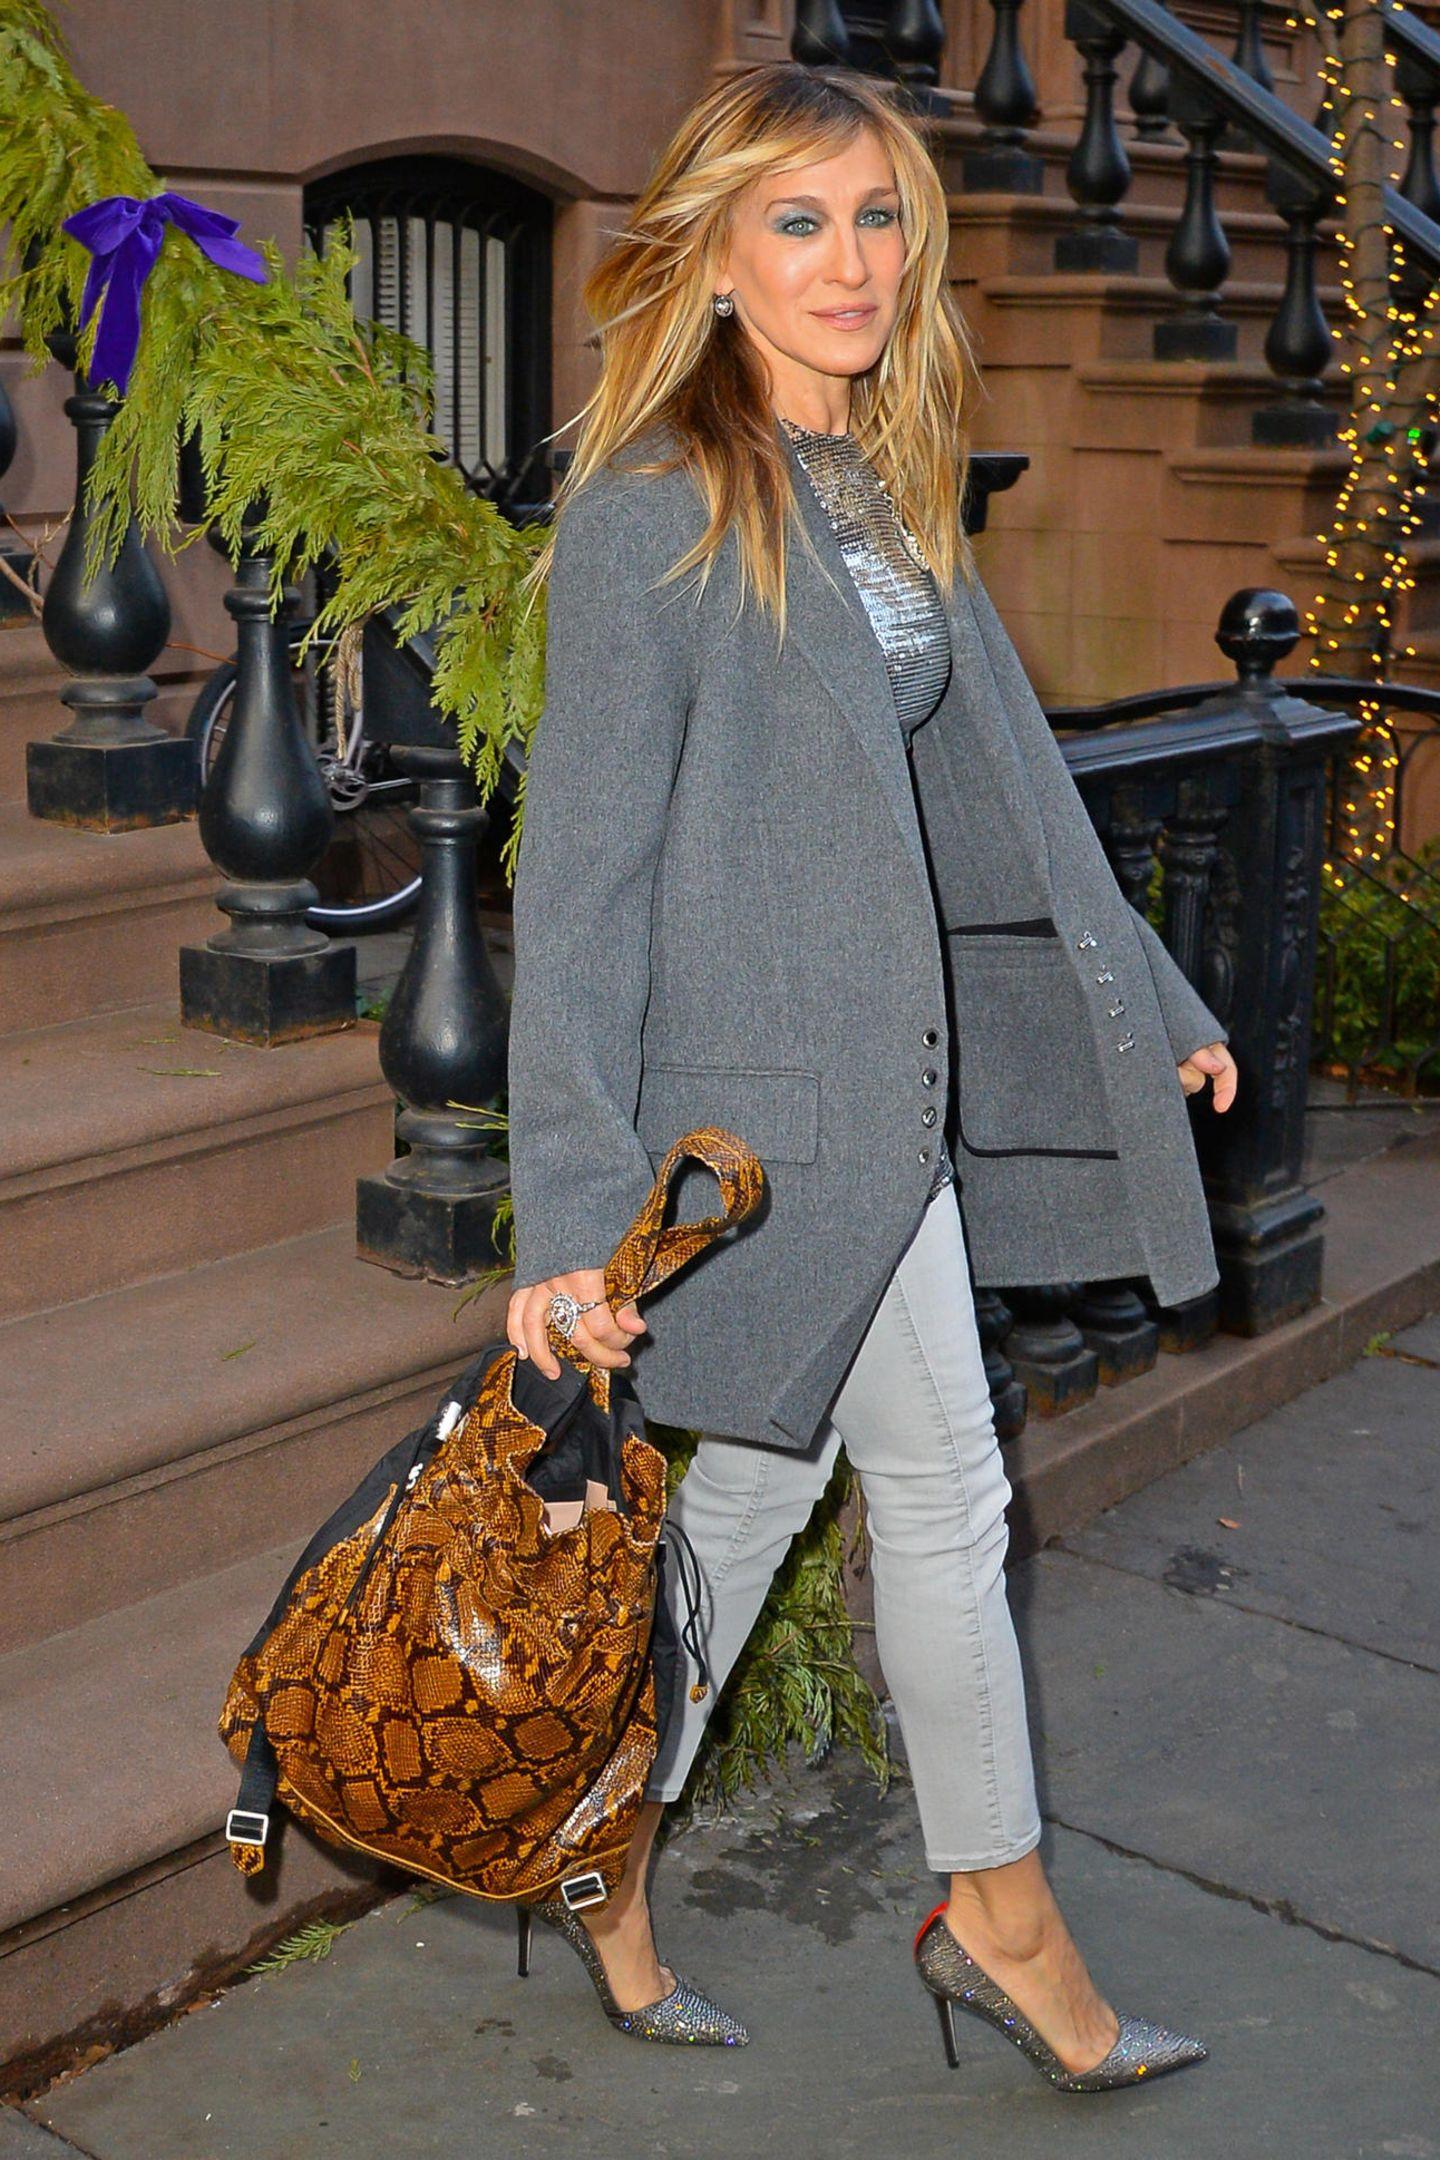 """Nicht immer muss es eine Handtasche sein. Sarah Jessica Parker macht es vor und stylt den """"Keely Snake-Embossed Backpack"""" von Elizabeth and James, dem Label der Olsen Schwestern, kurzerhand zum Glamour-Outfit. Die glitzernden Pumps aus ihrer eigenen Kollektion und das Top stehen weiterhin im Mittelpunkt des Looks, während der Backpack dem ganzen Coolness verleiht."""